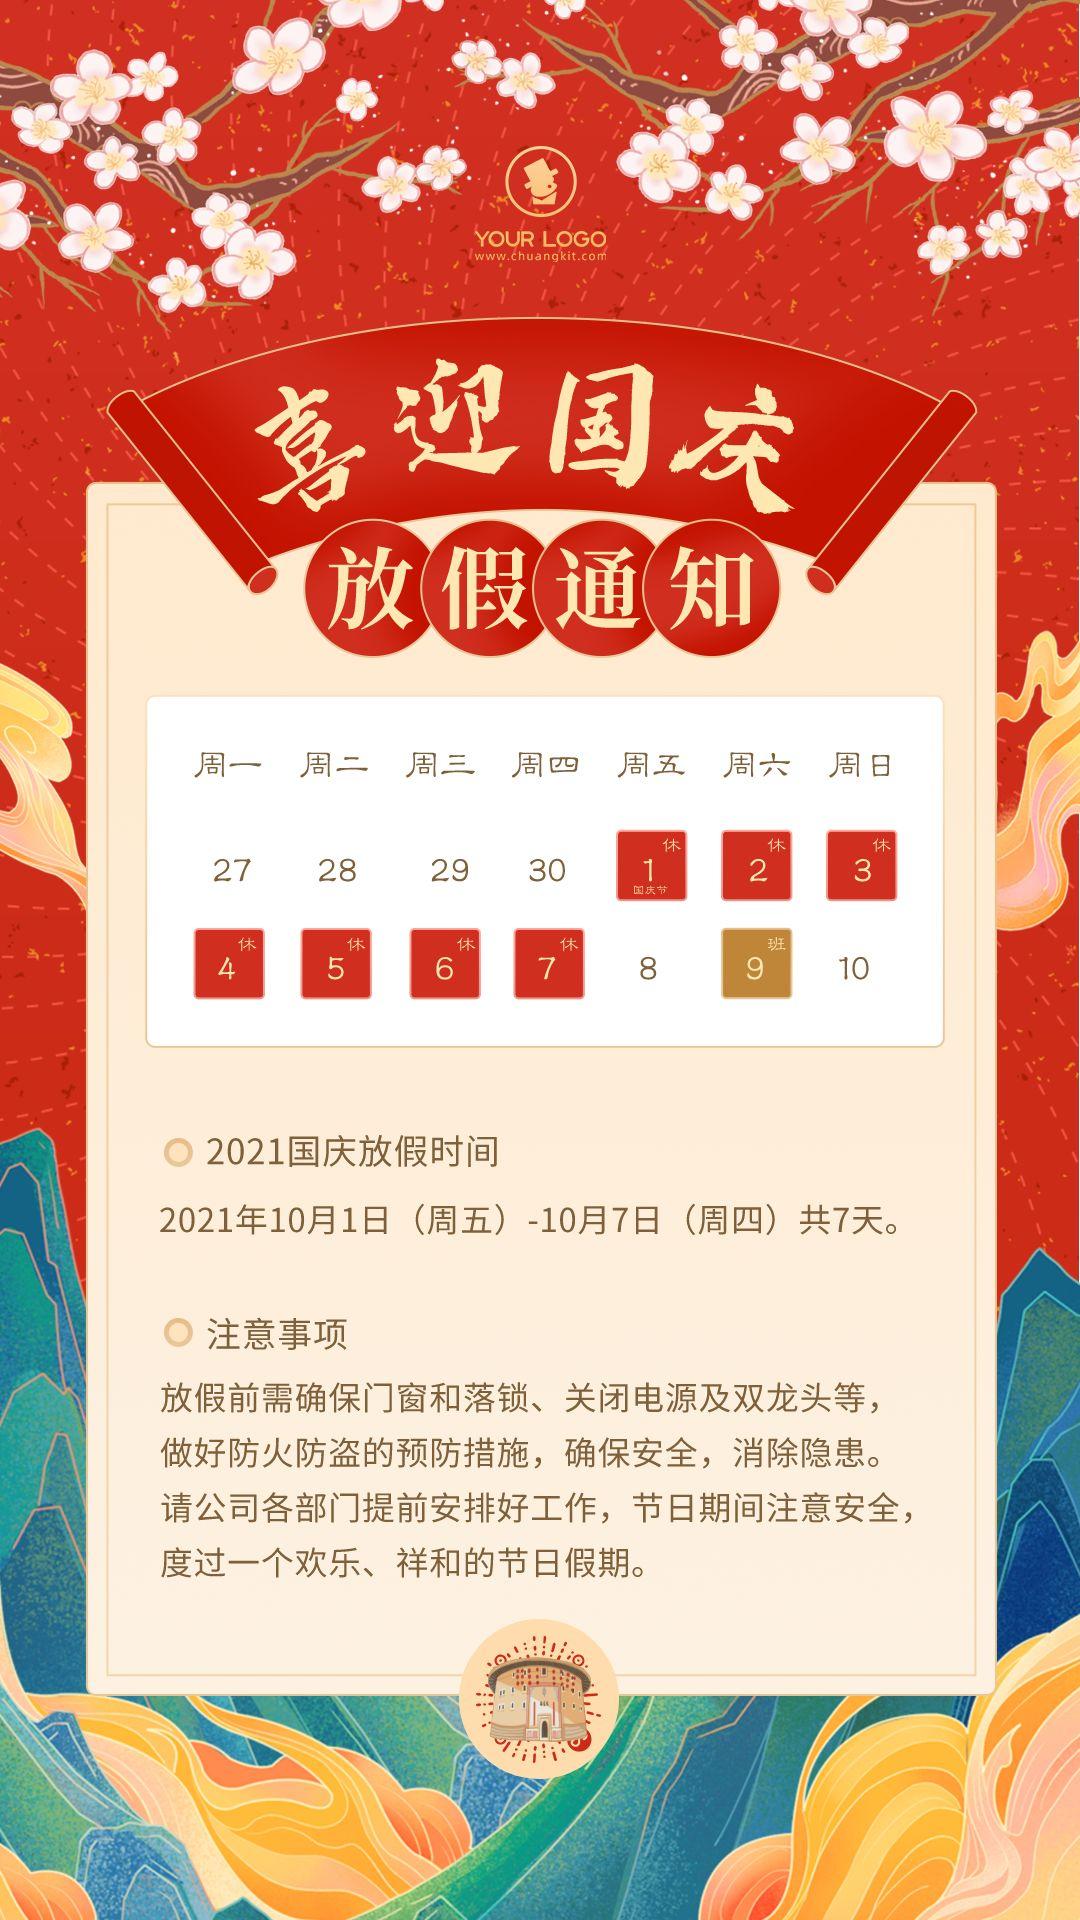 关于绵阳悦凌彩板钢结构有限公司2021年国庆节放假通知